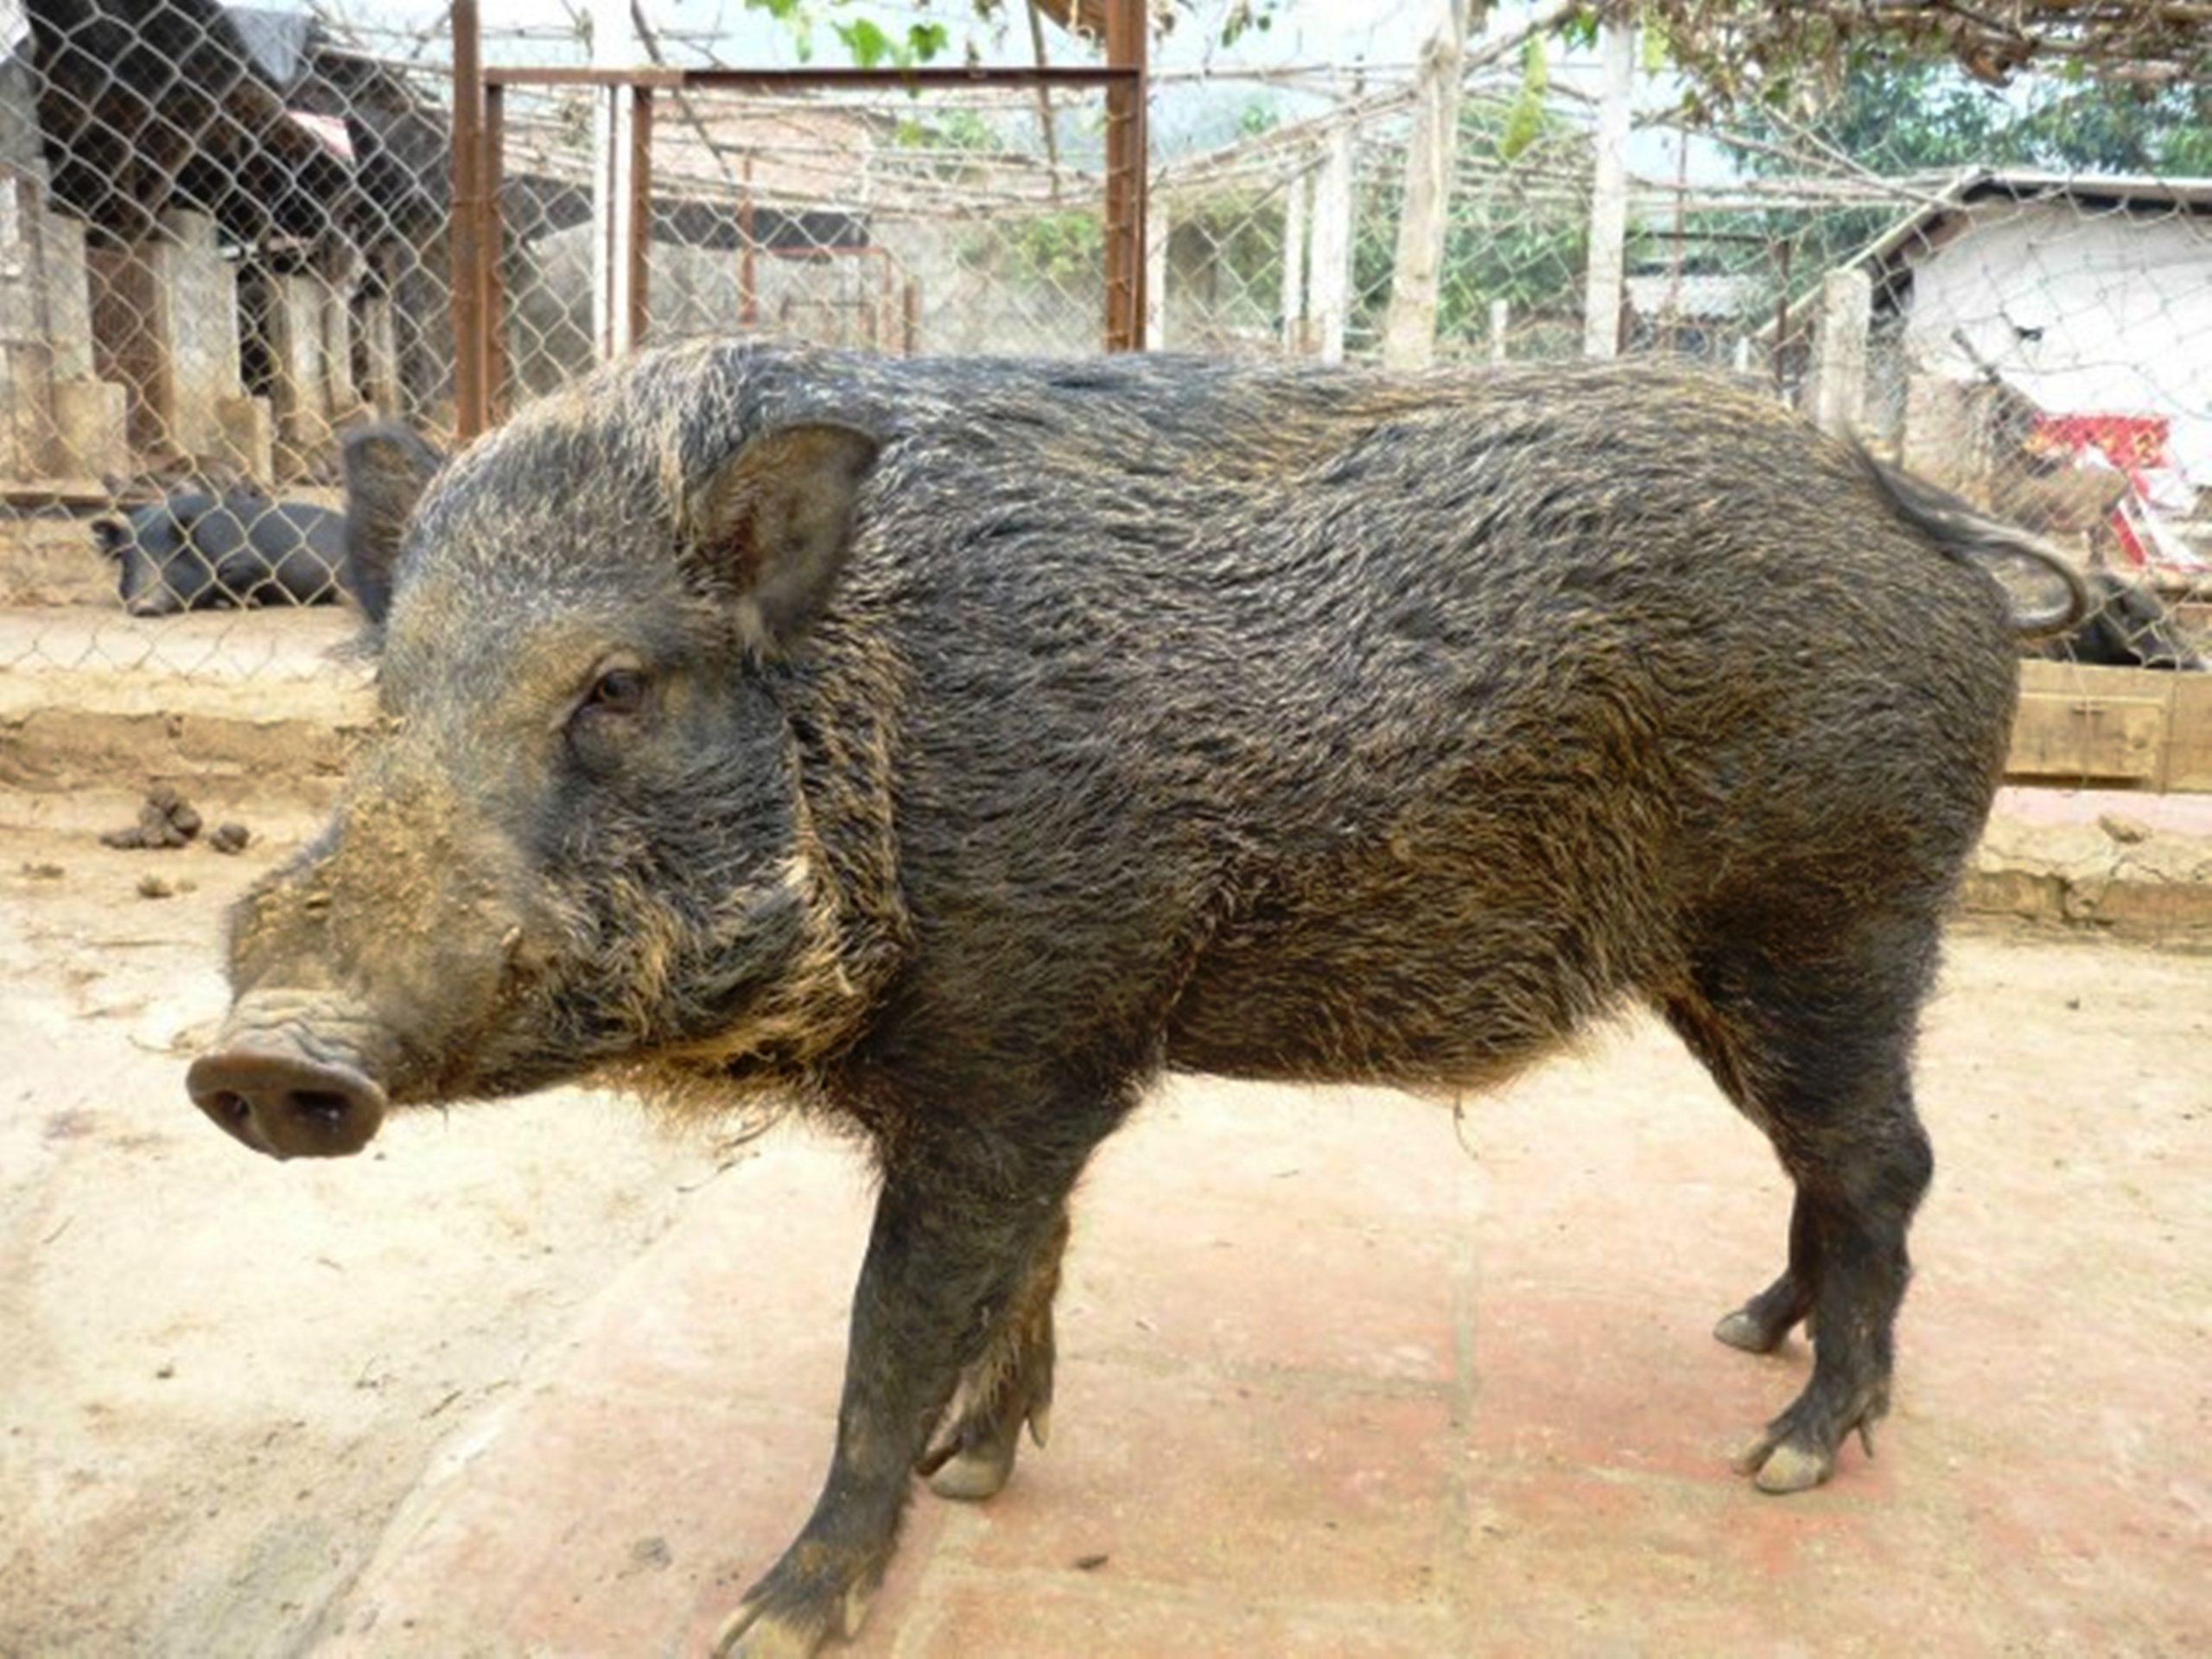 Tìm hiểu phương pháp nuôi lợn rừng lớn nhanh, ít bệnh tật